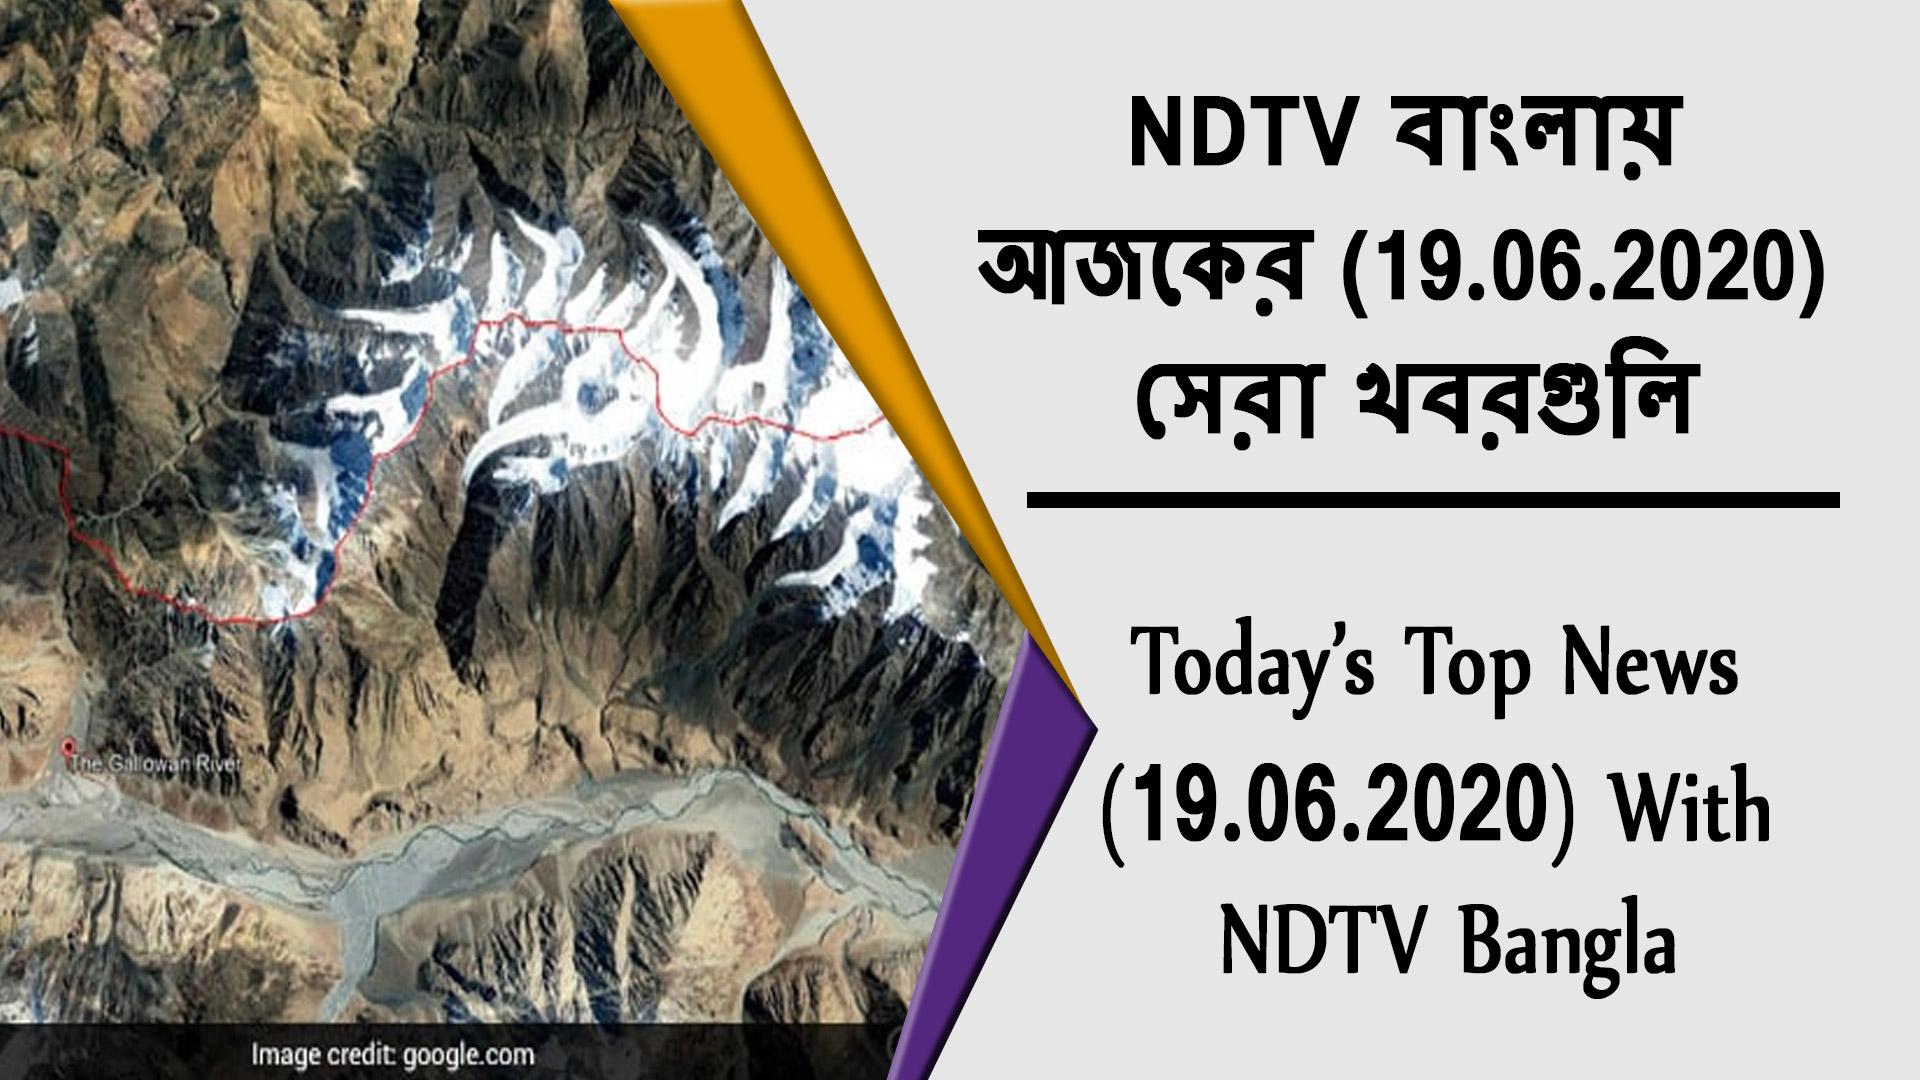 Video : NDTV বাংলায় আজকের (19.06.2020) সেরা খবরগুলি